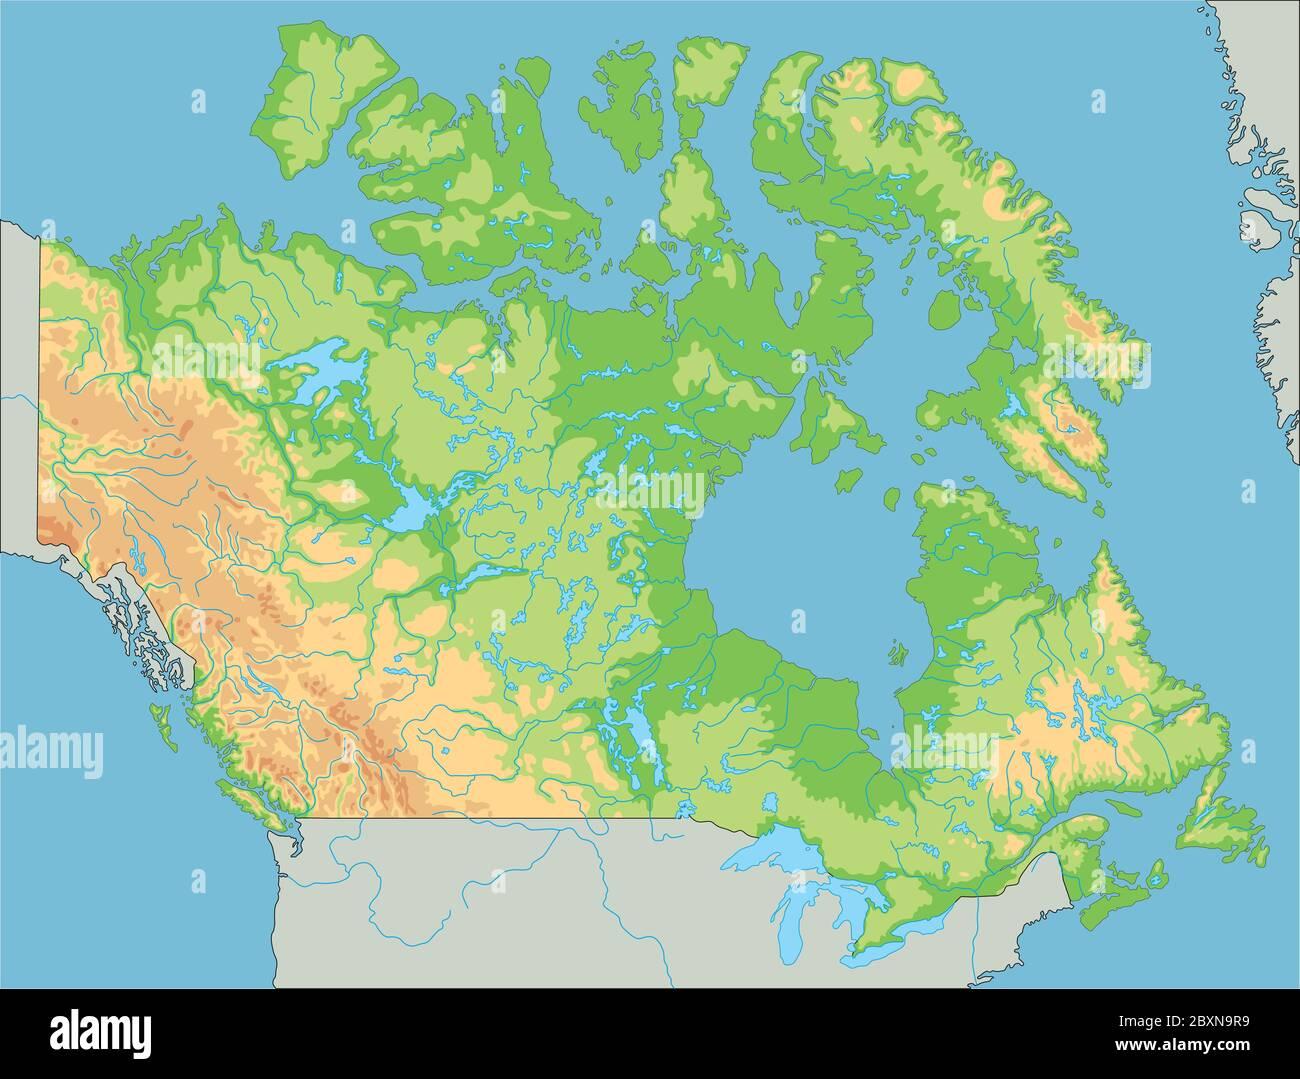 Canada Cartina Fisica.Mappa Fisica Canada Dettagliata Immagine E Vettoriale Alamy